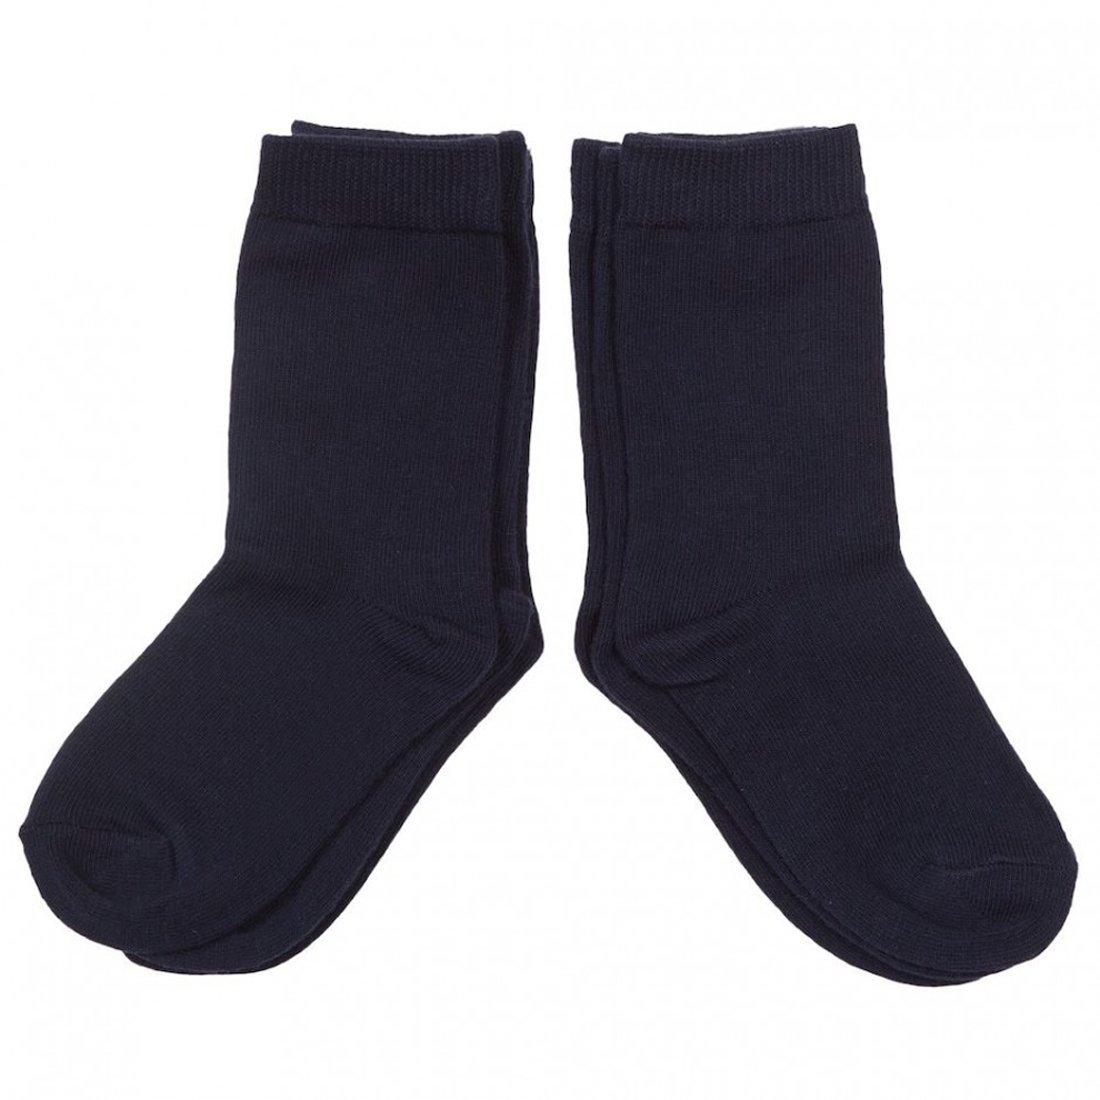 Best Calze 6 paia di calze corte bambini in cotone filo di scozia Mod. Unito Blue TG. 10 (34-36)